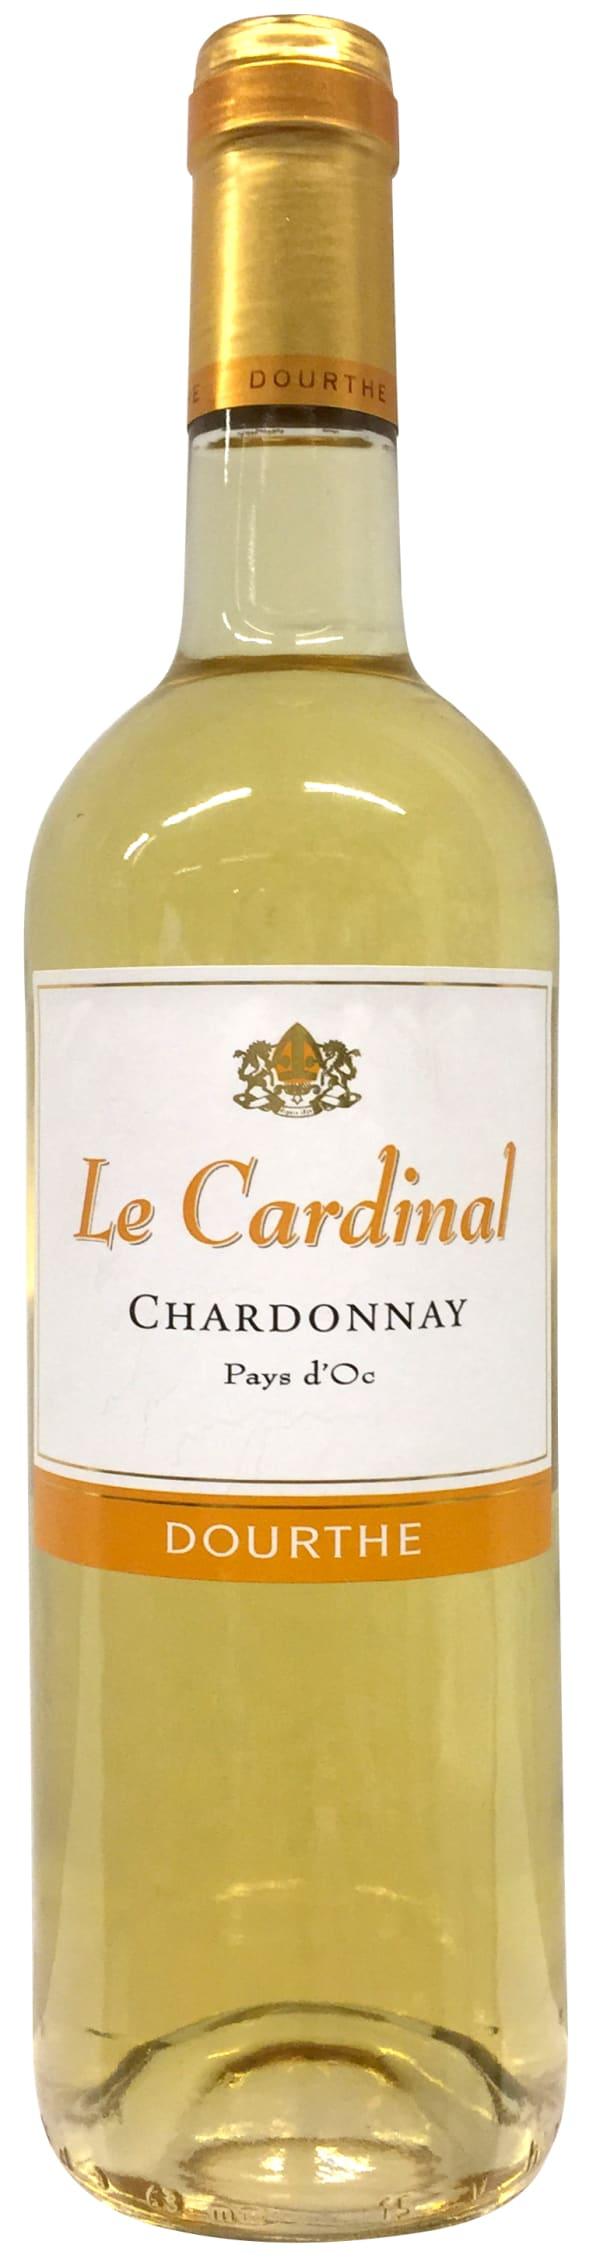 Le Cardinal Chardonnay